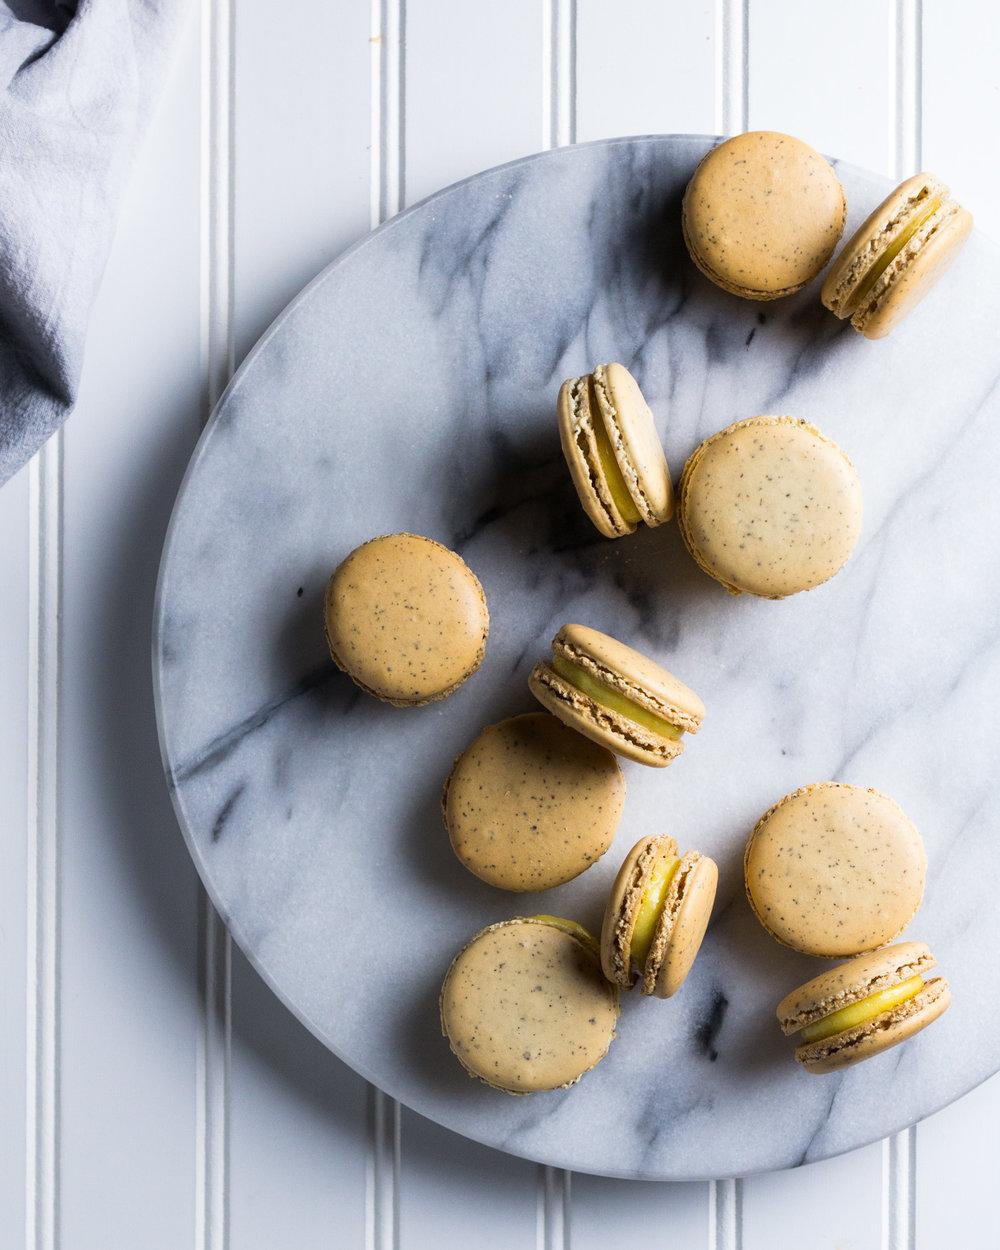 earl-grey-macarons-lemon-curd-8.jpg